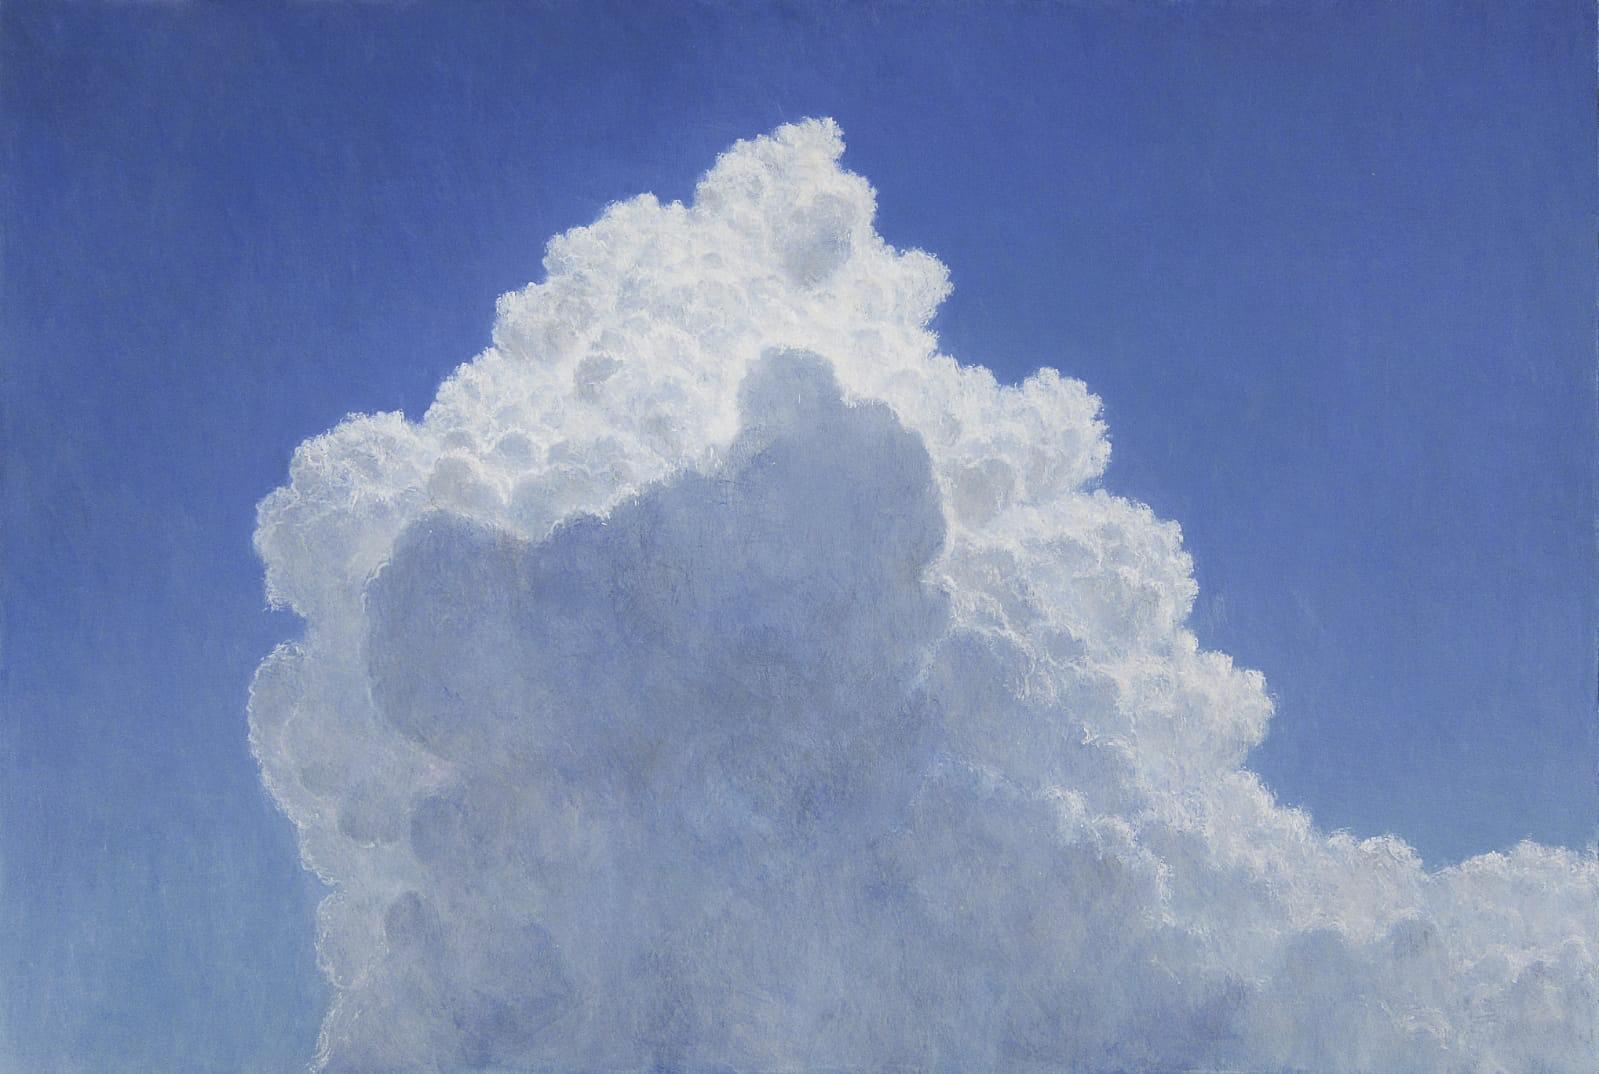 Arturo Picca, Nuvola solitaria (2021)